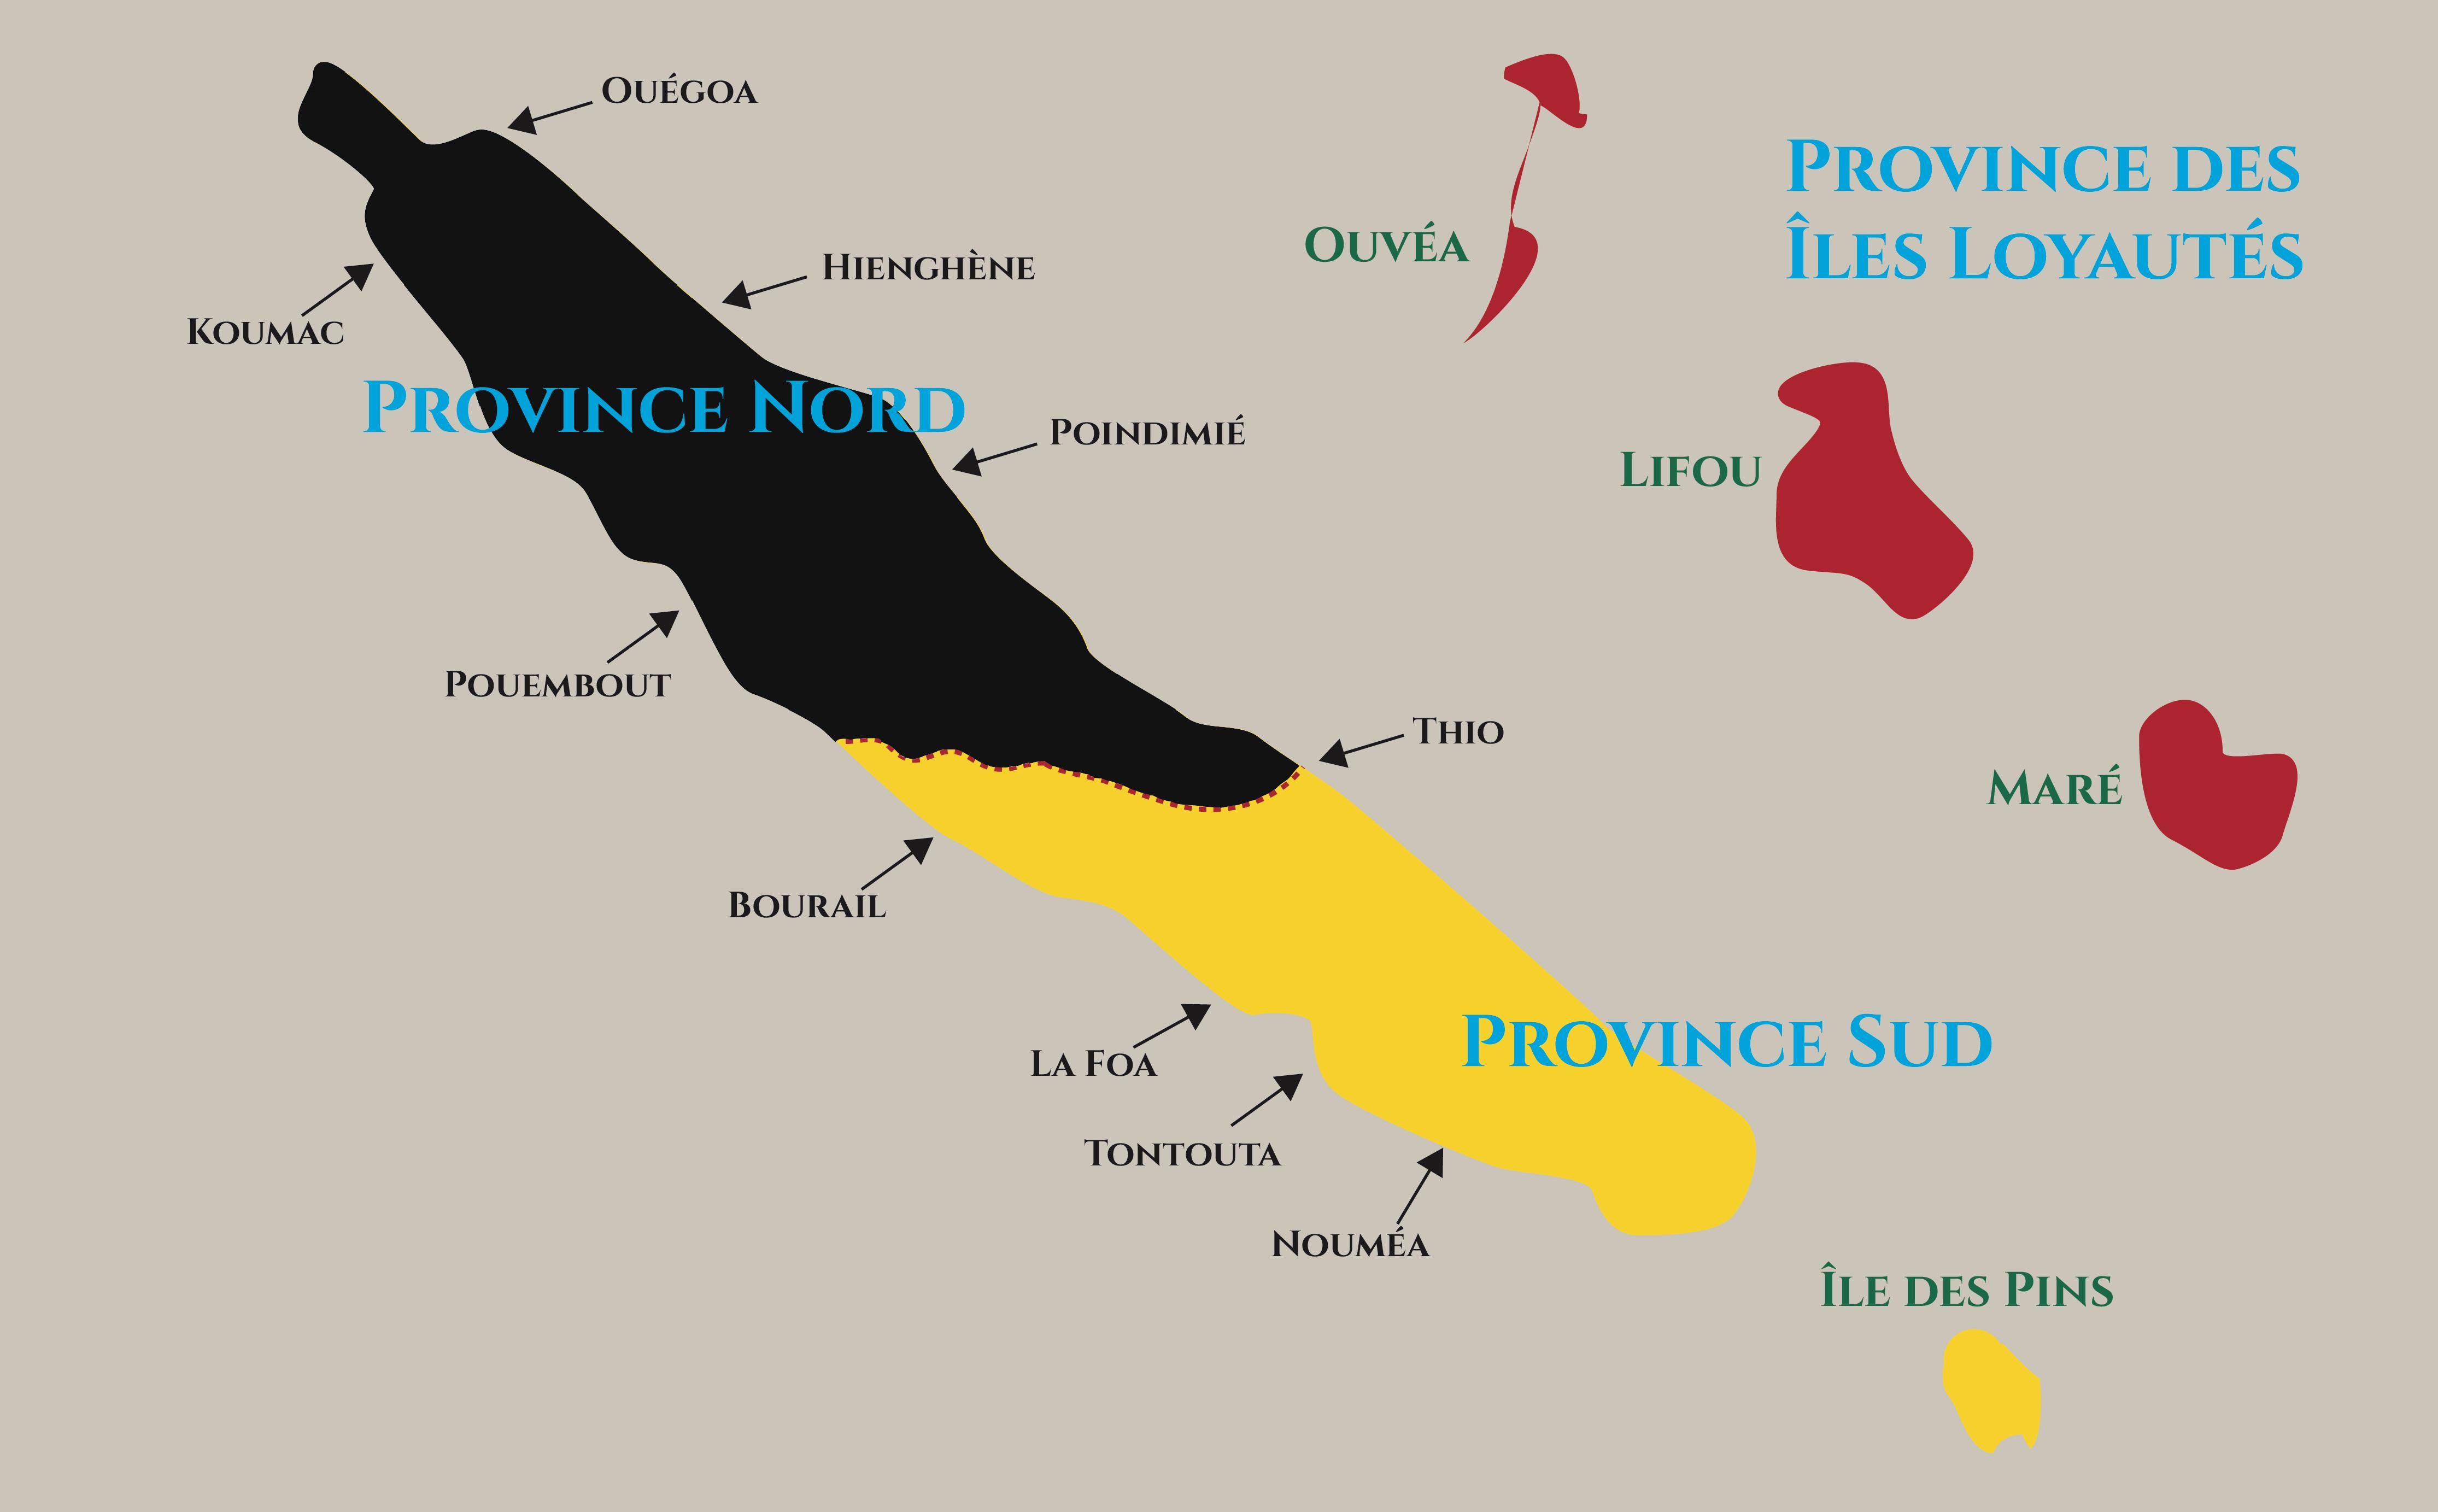 Provinces Nouvelle-Calédonie